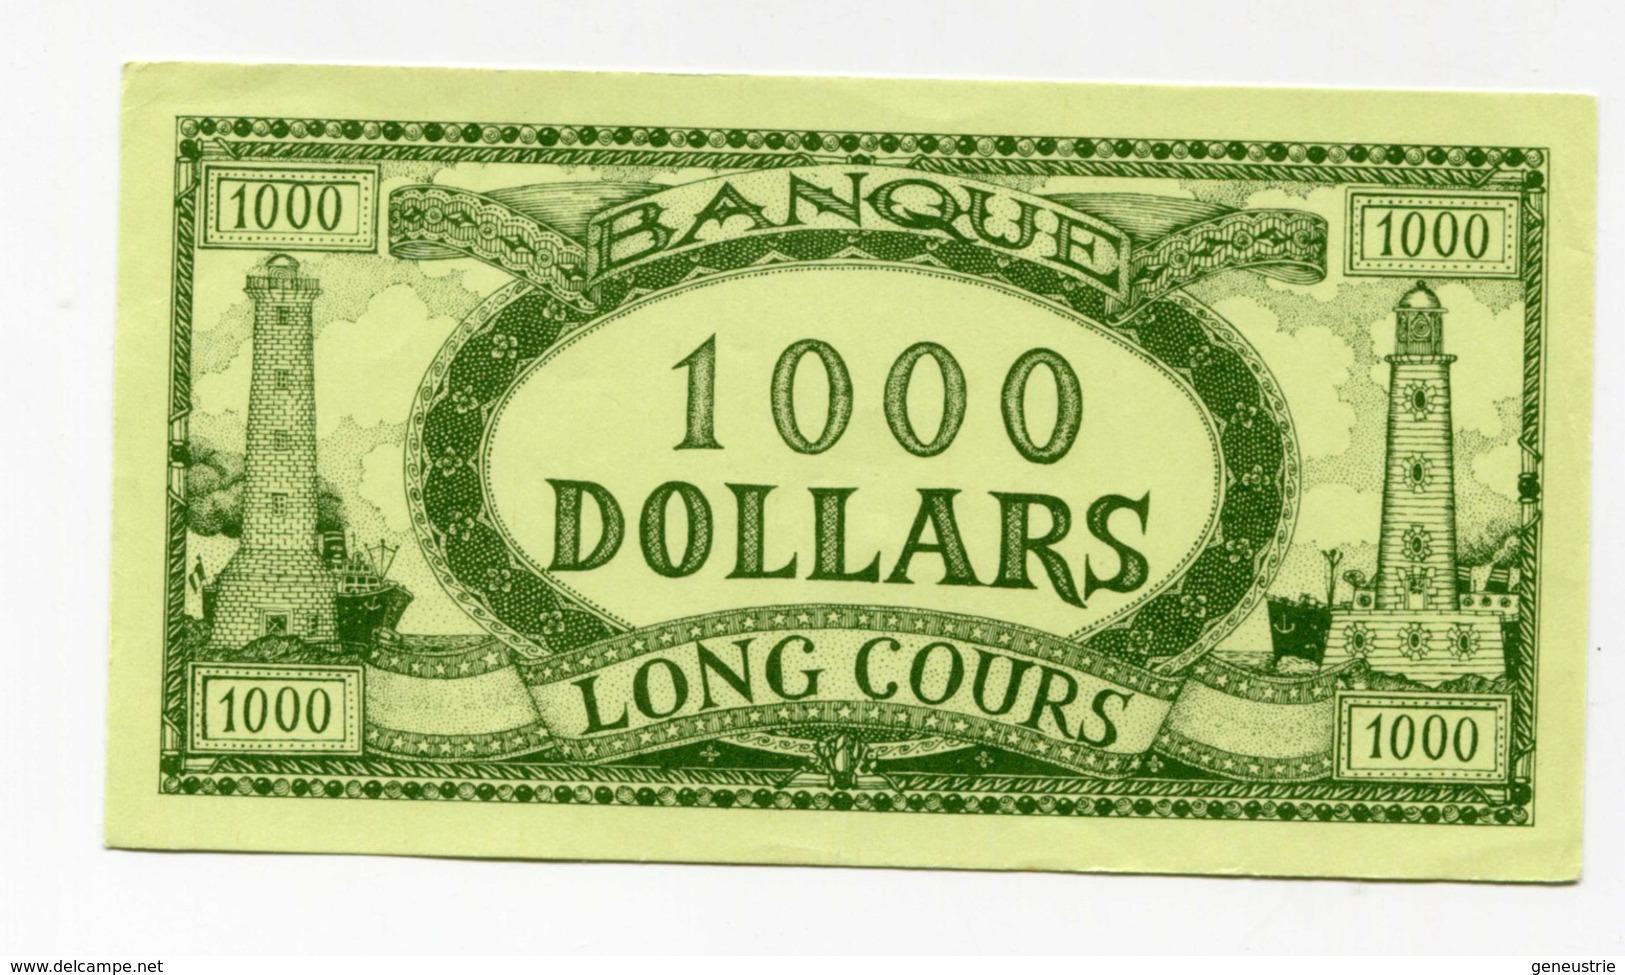 """Billet Fictif à Déterminer  """"1000 Dollars - Banque Long Cours"""" Phare - Bateau - Dollar Factice à Déterminer - Bank Note - Specimen"""